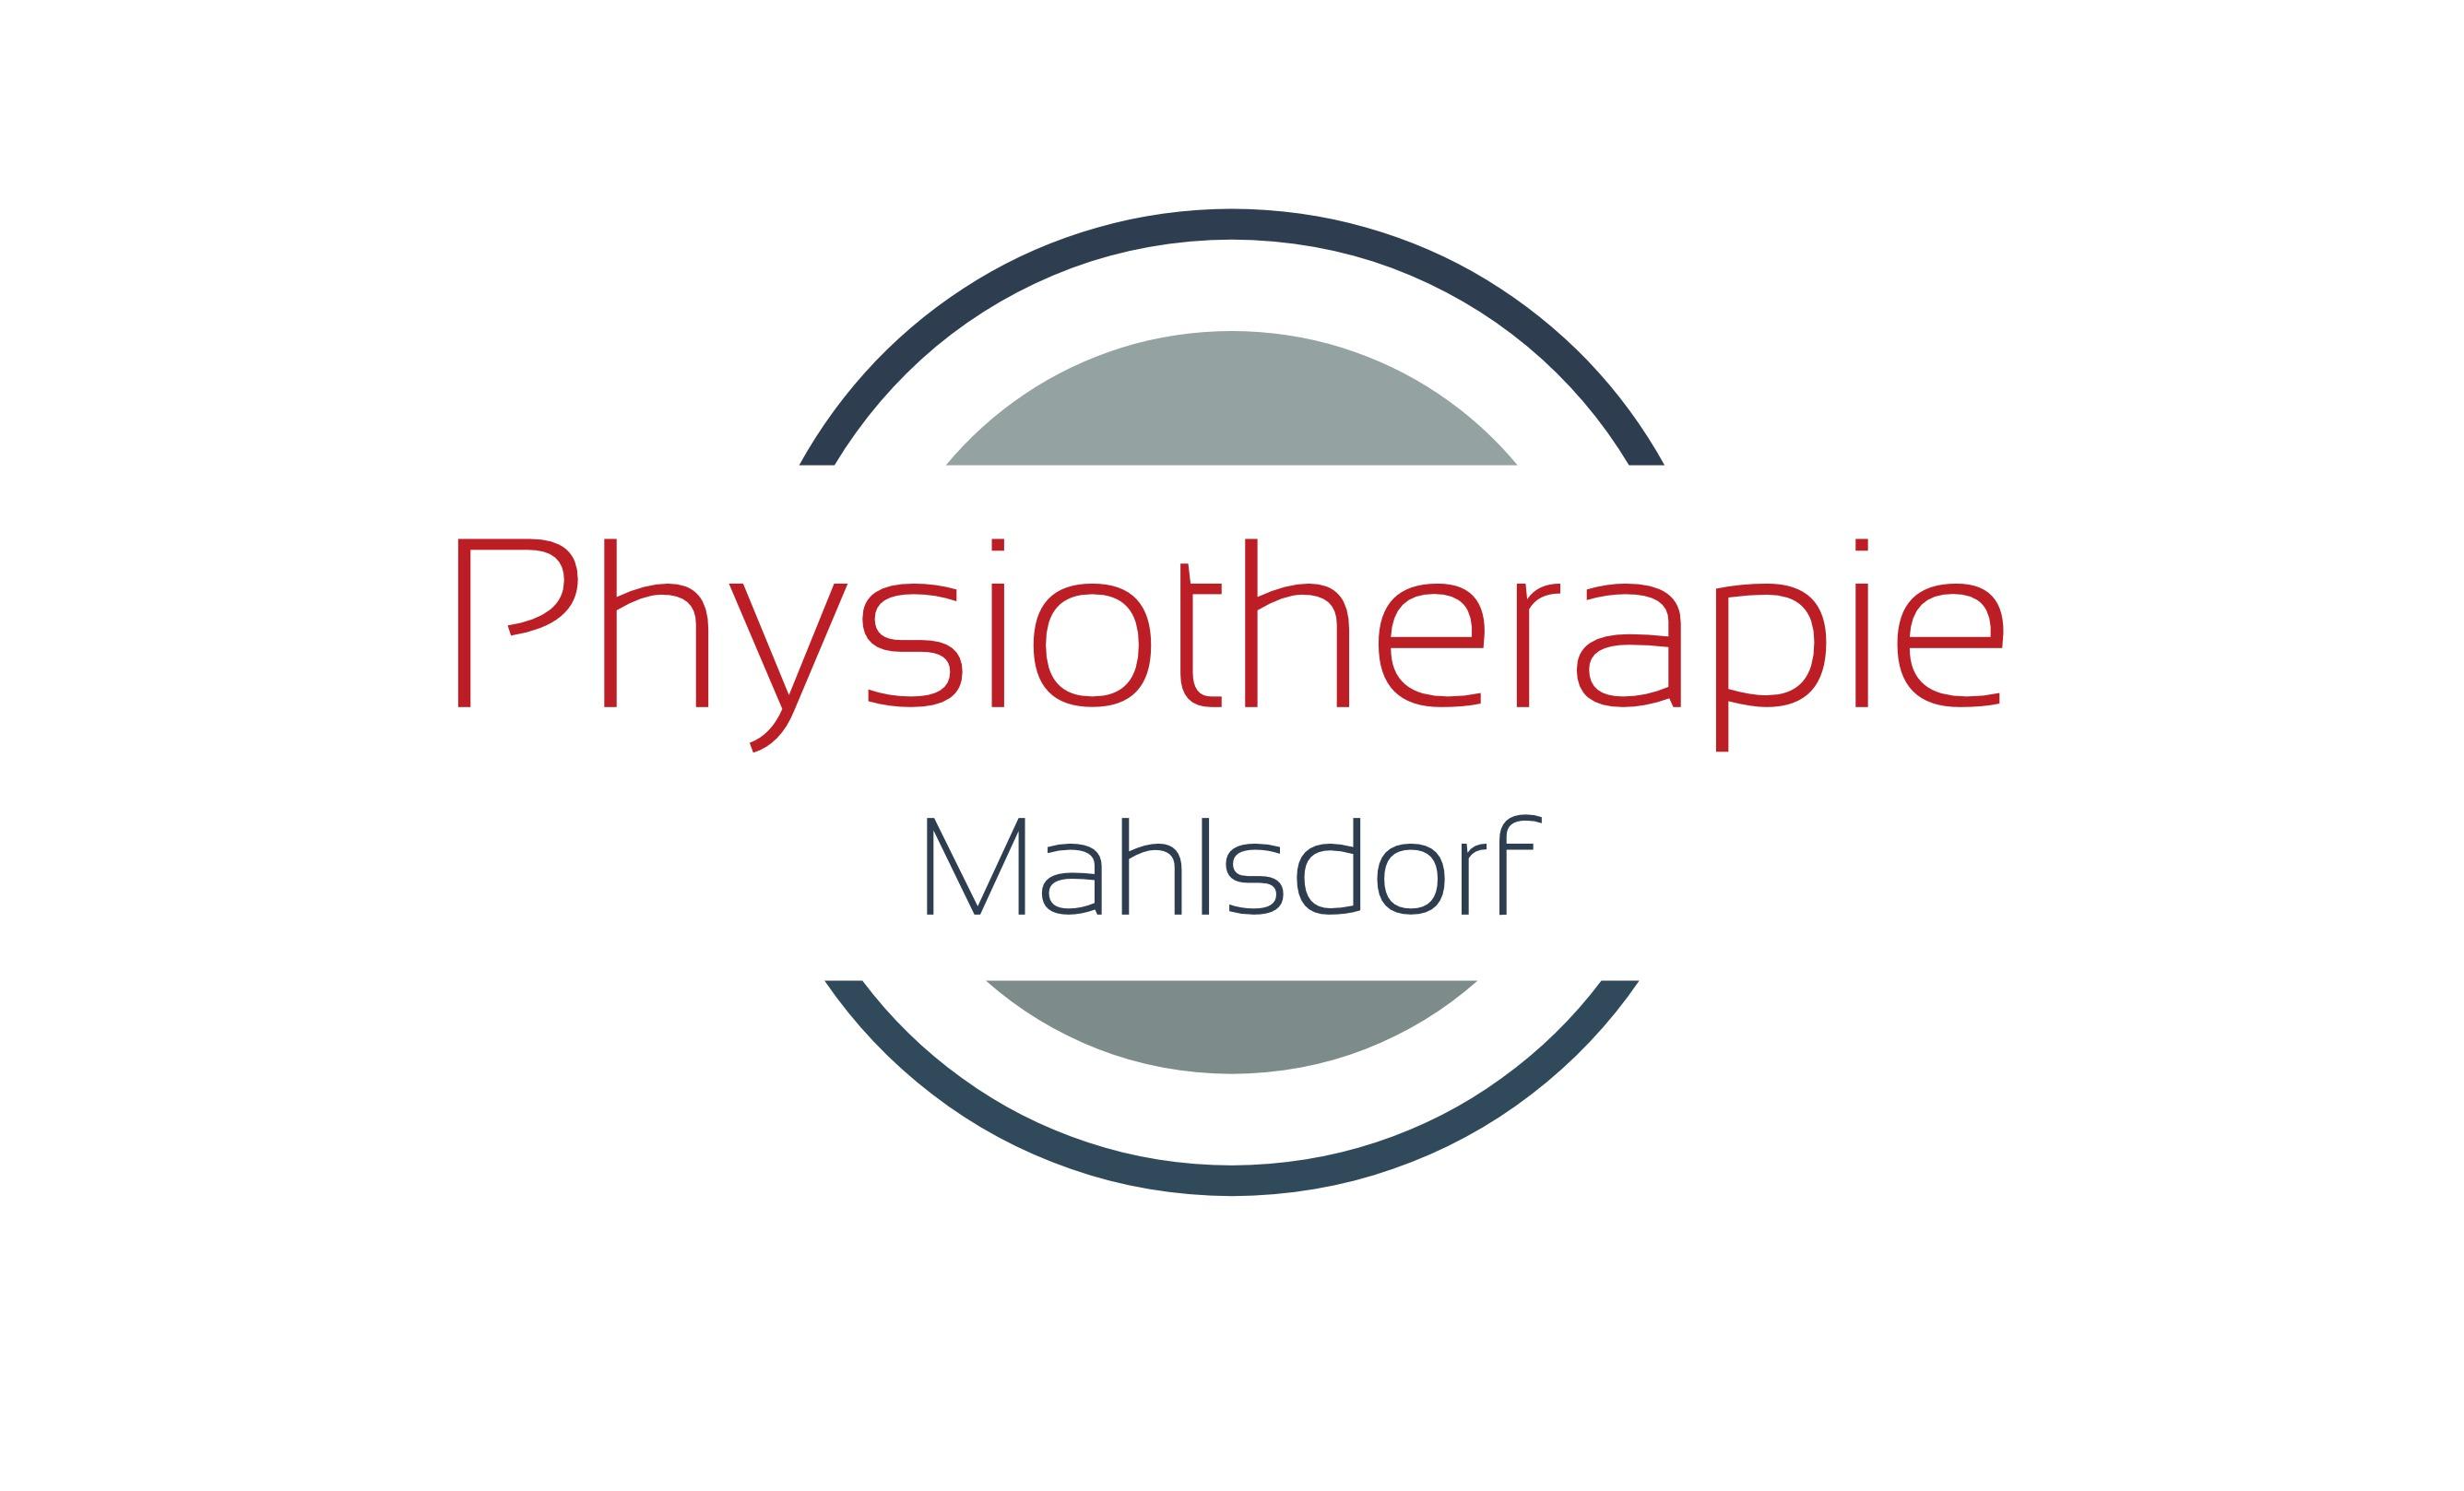 Physiotherapie Mahlsdorf